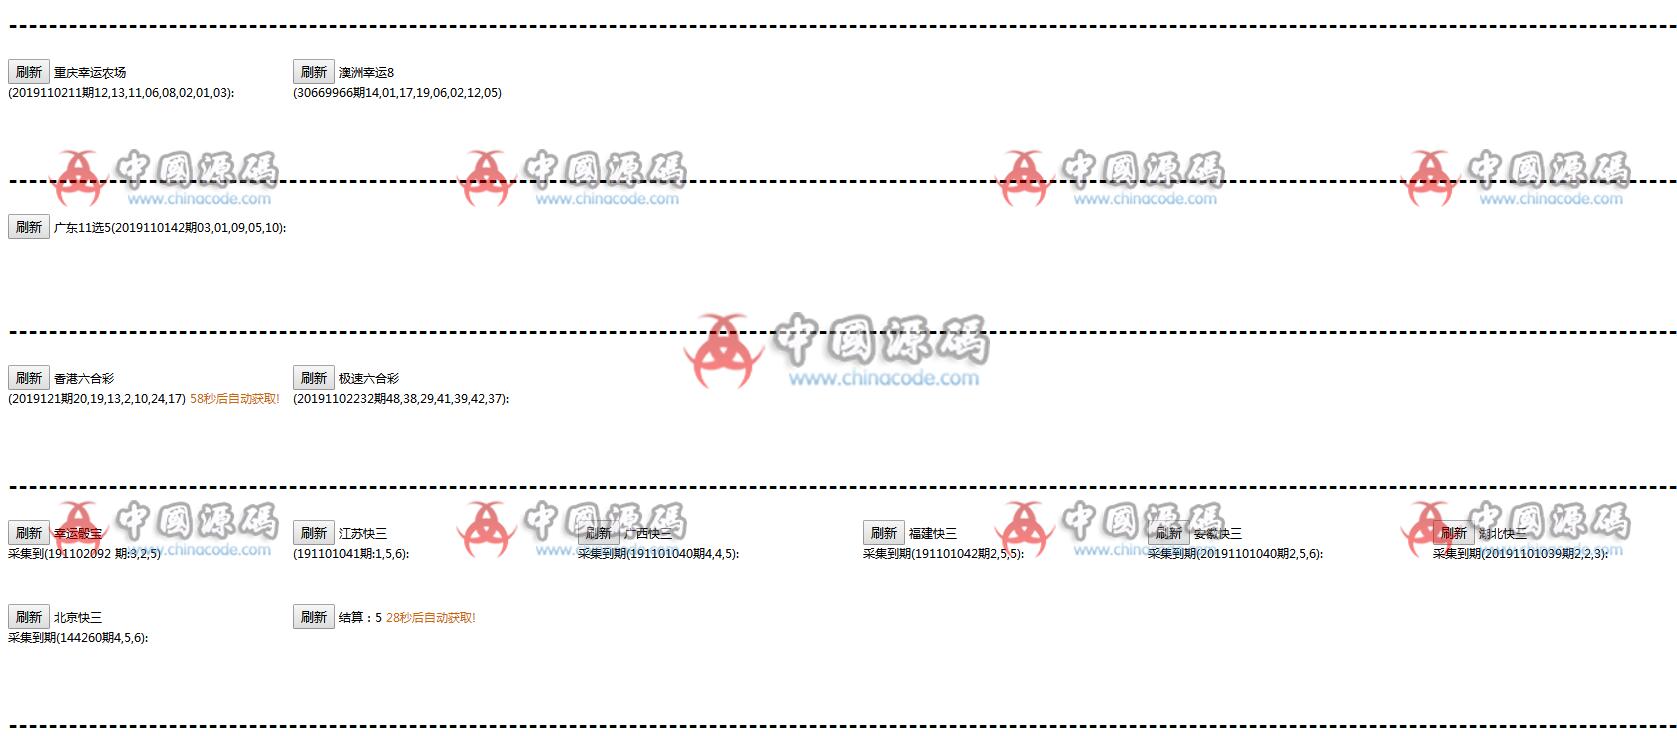 迪士尼改UI整站源码+可运营版+WAP手机端+采集全修 网站-第5张